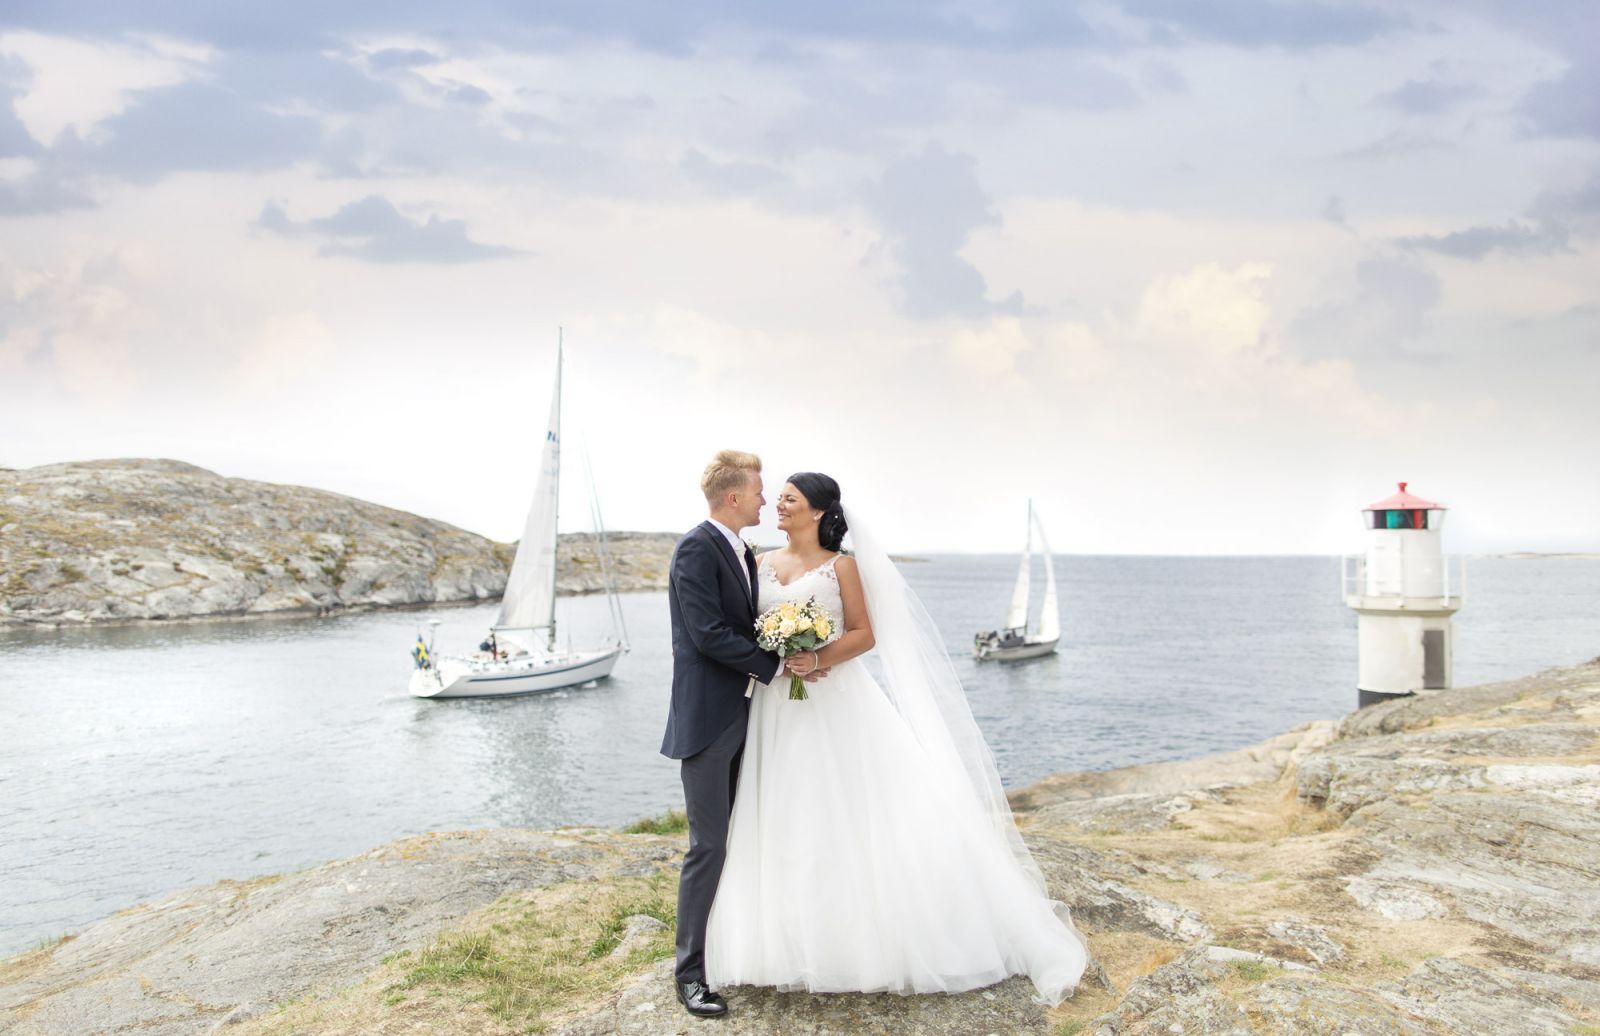 Orust, Mollösund, bröllop, bröllopsfotografering, bröllopsfotograf, fotograf, Ingela Vågsund från Stenungsund, Stora Höga.